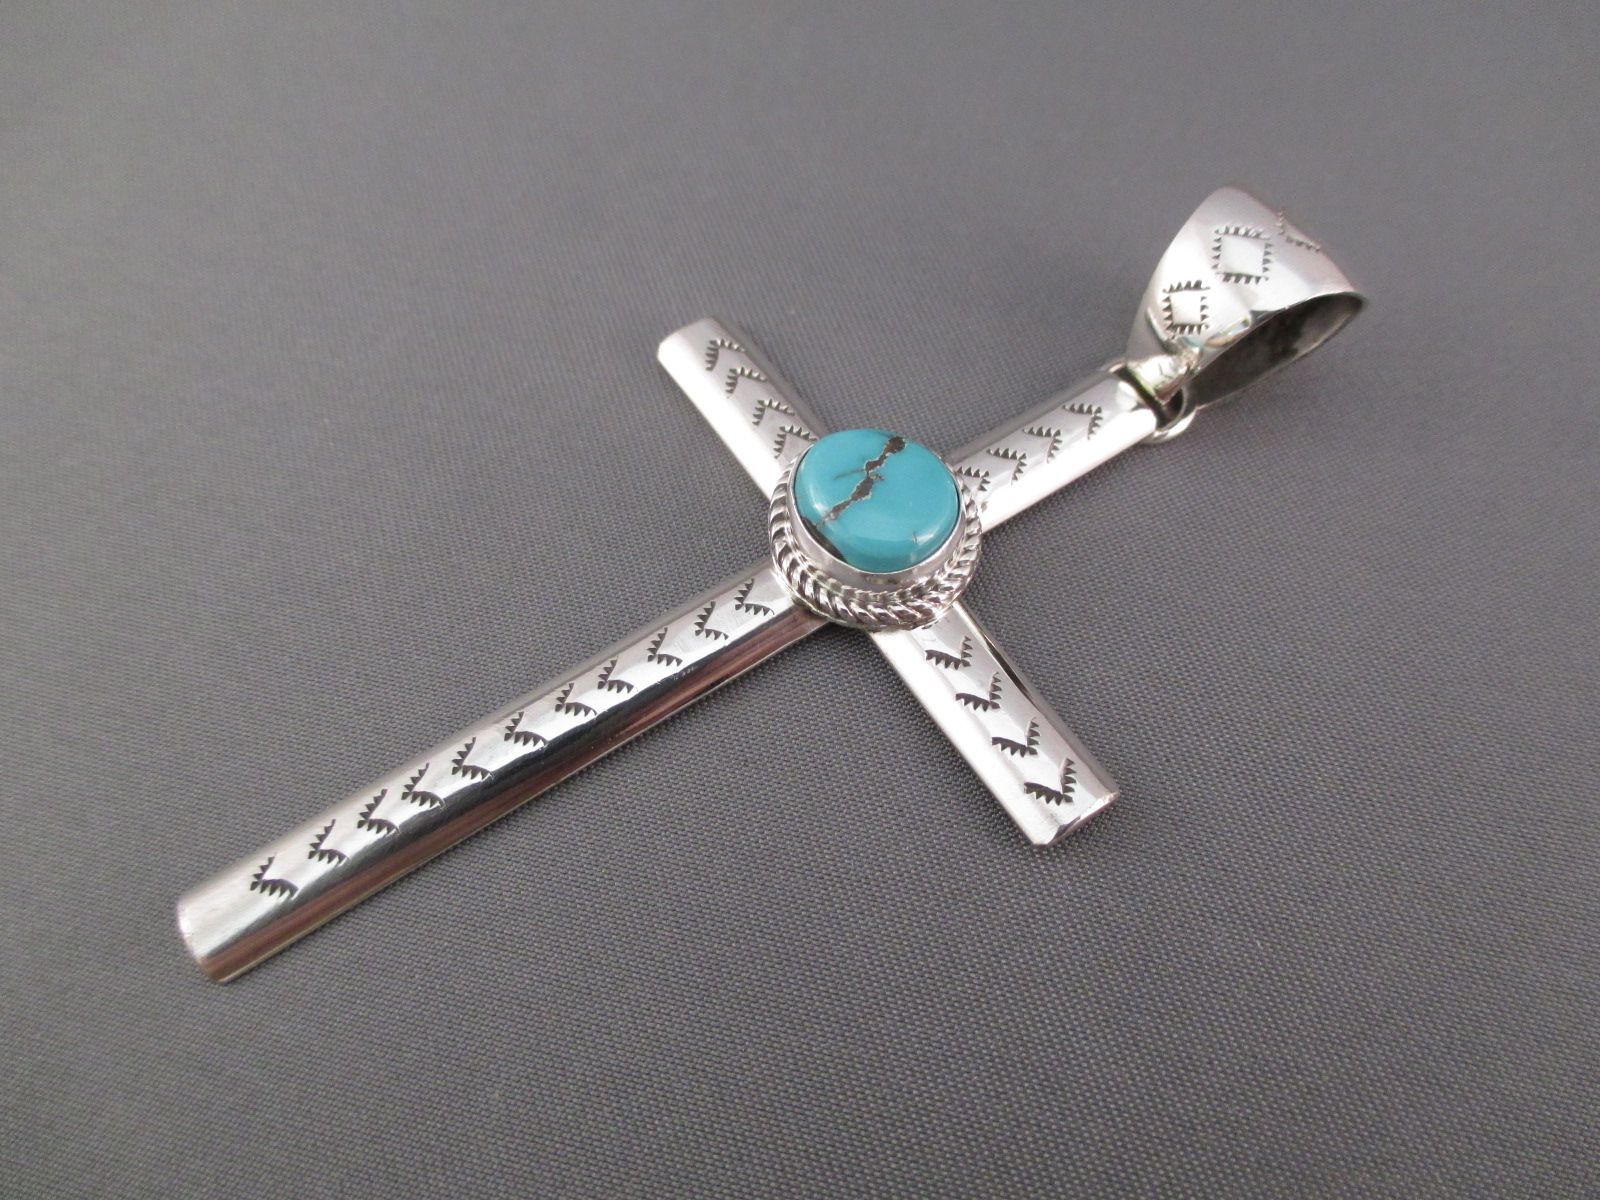 Resultado de imagem para turquoise silver cross pendant coffret 2 resultado de imagem para turquoise silver cross pendant aloadofball Images